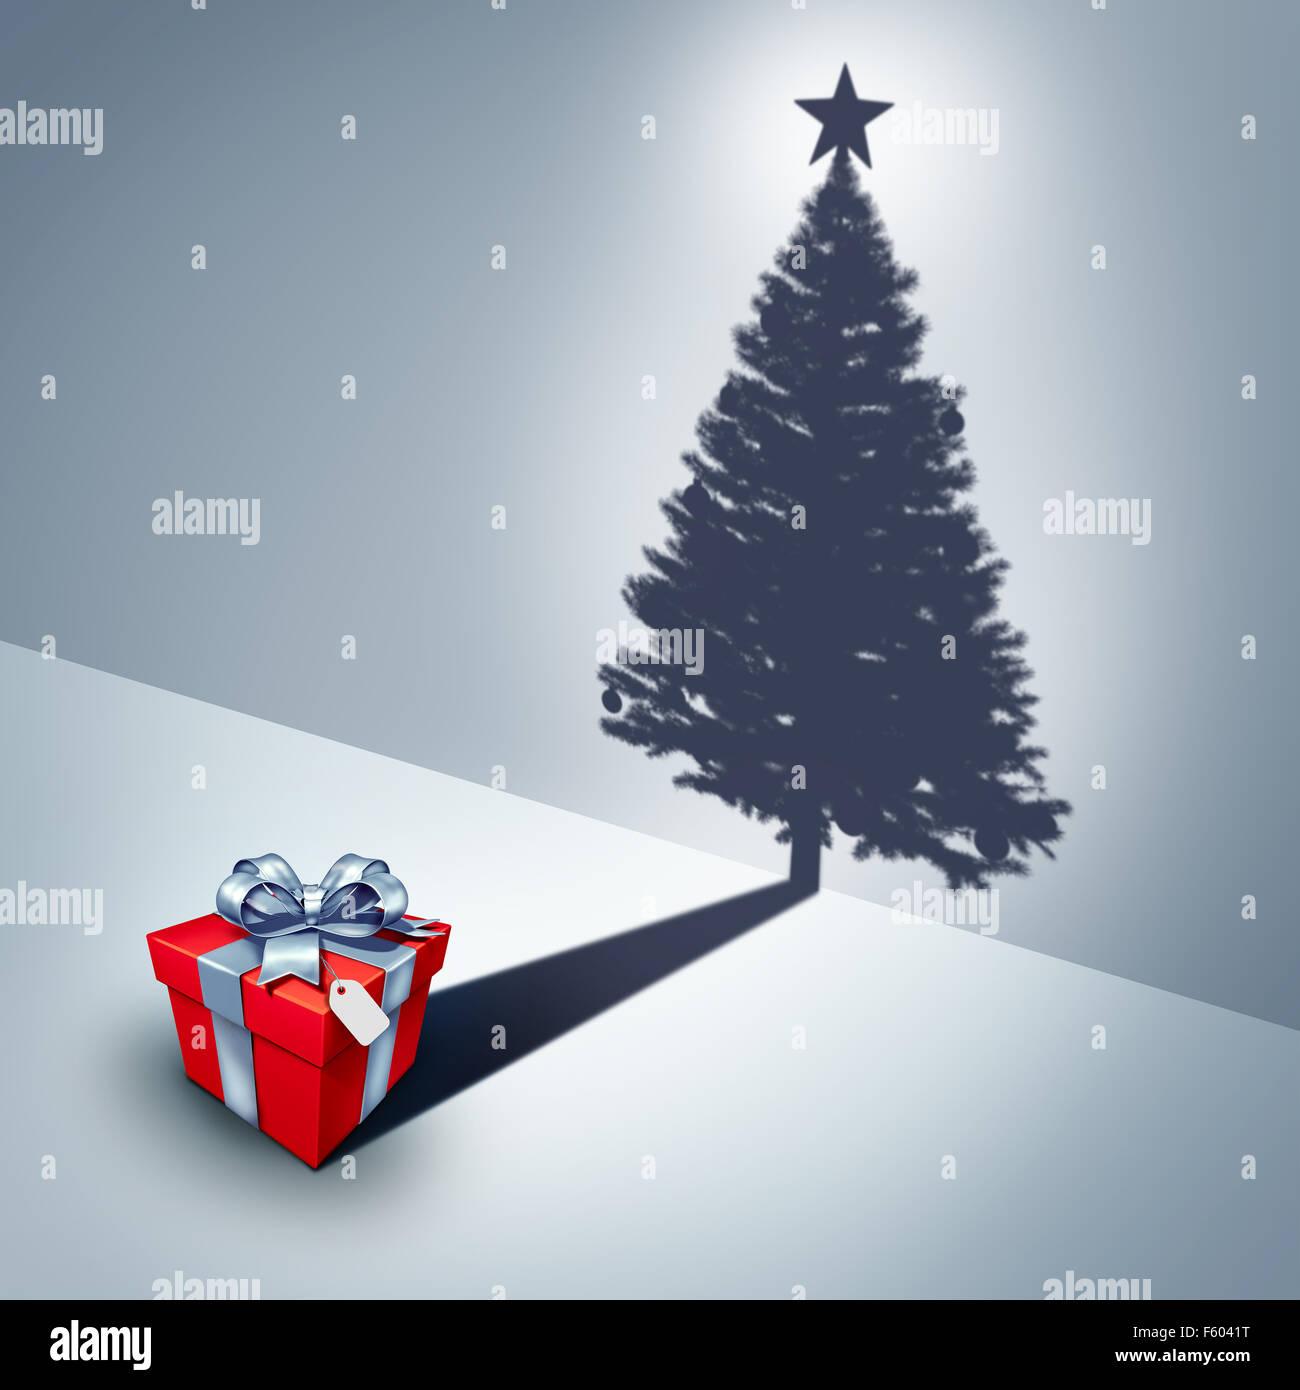 Vacanze da sogno presente nozione come un dono getta un' ombra conformata come un albero di Natale decorato Immagini Stock